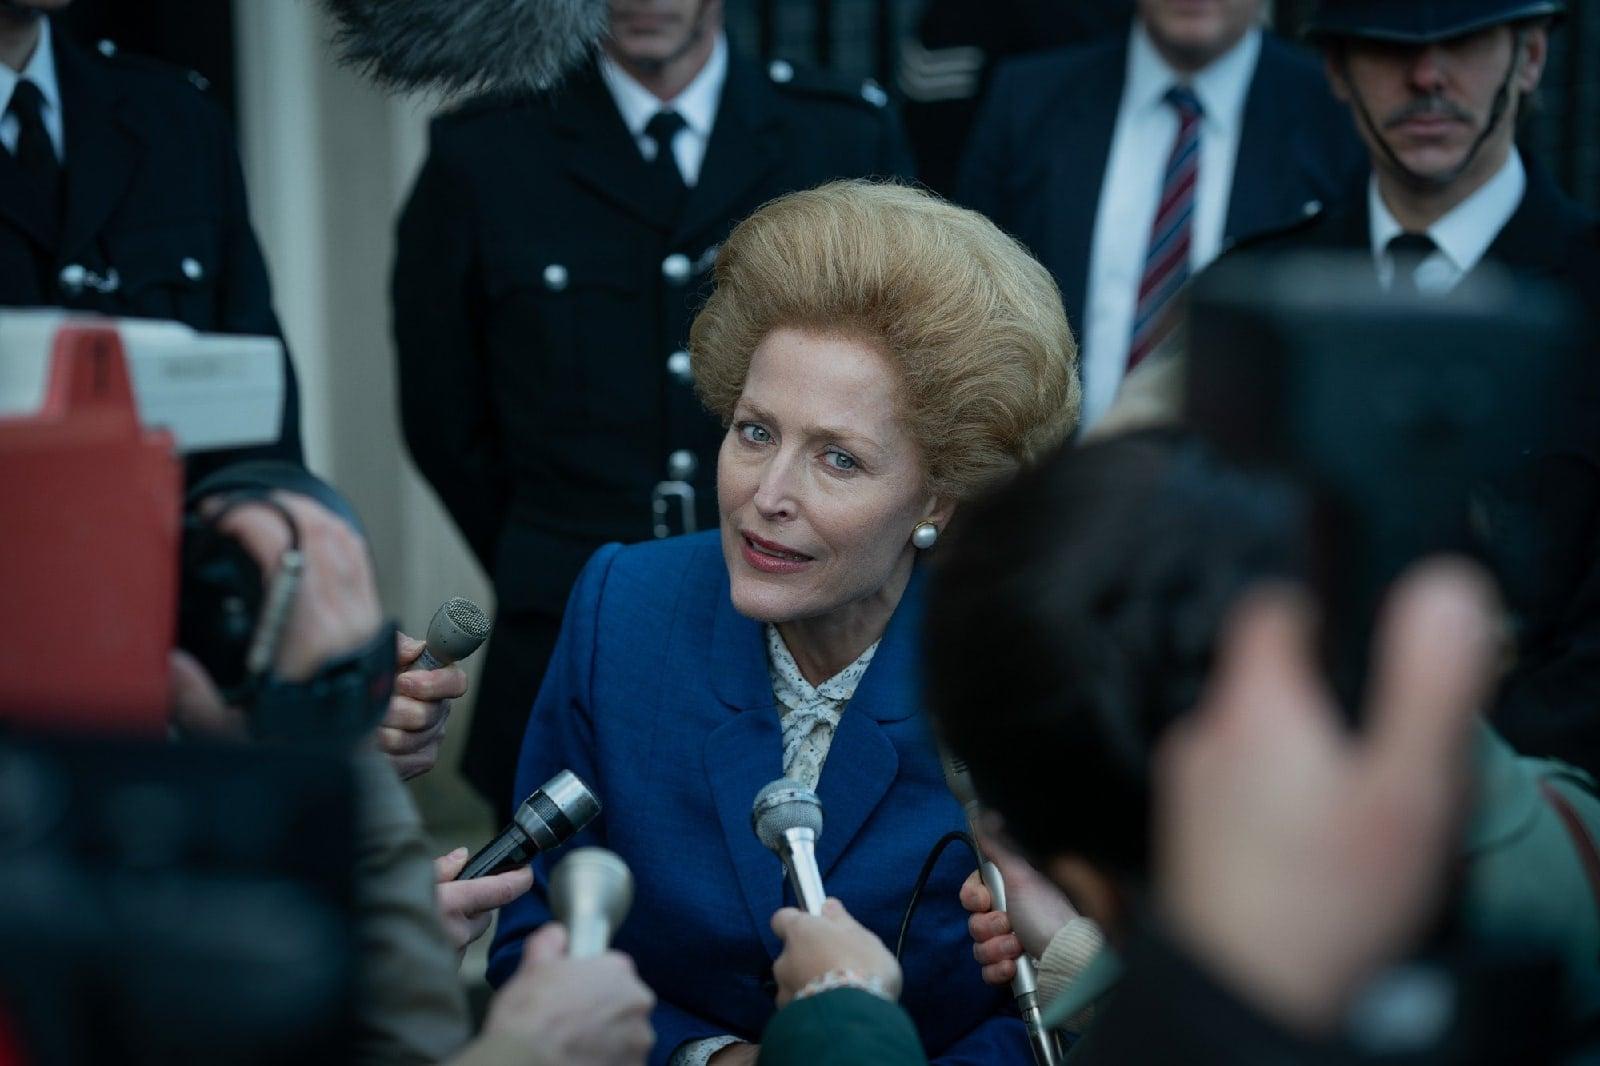 первые кадры сериала Корона четвертого сезона